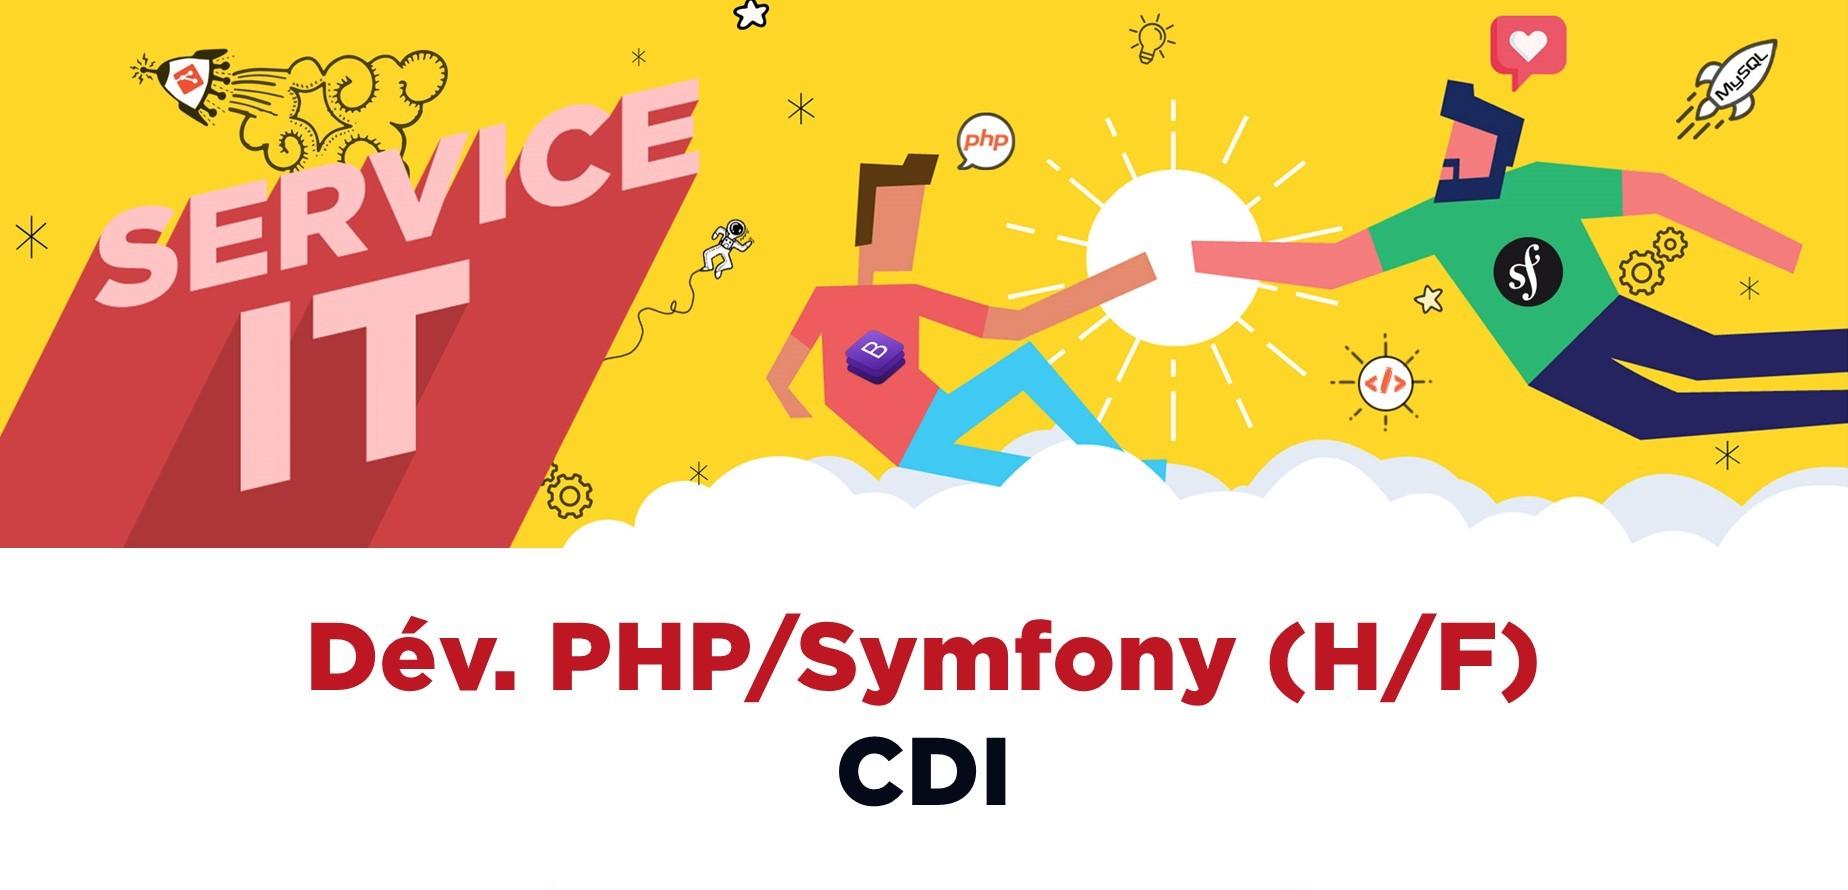 Dev PHP/Symfony